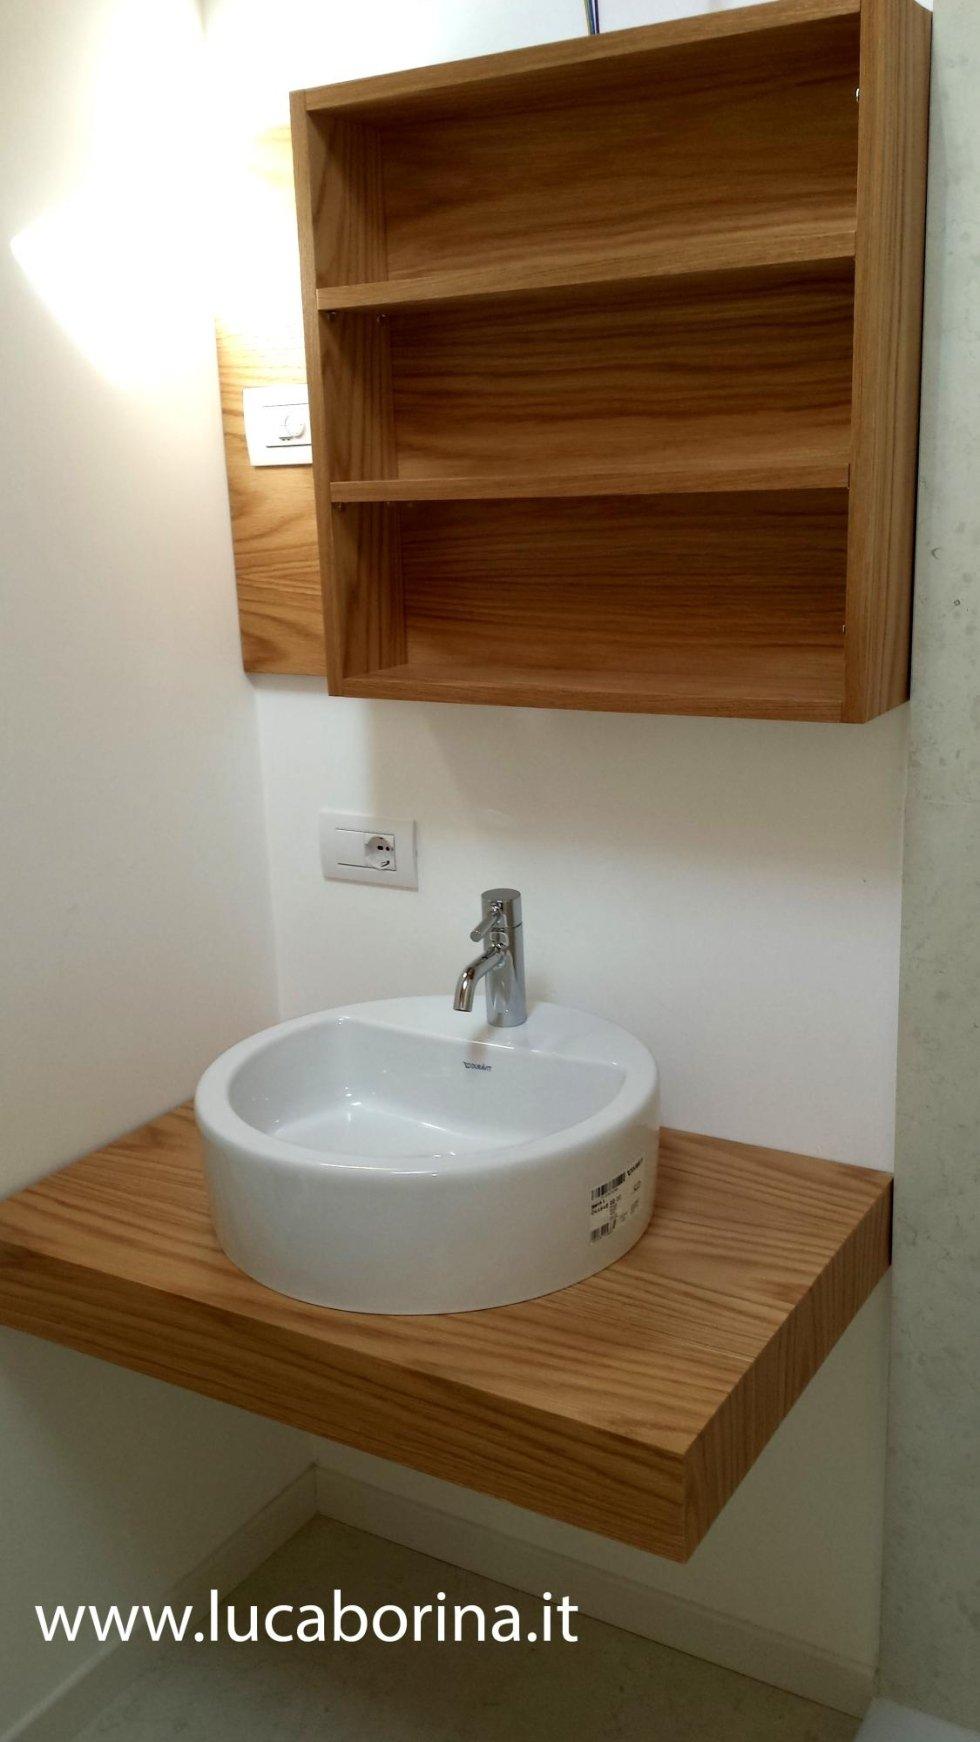 una mensola in legno con sopra un lavabo rotondo e delle mensole al muro